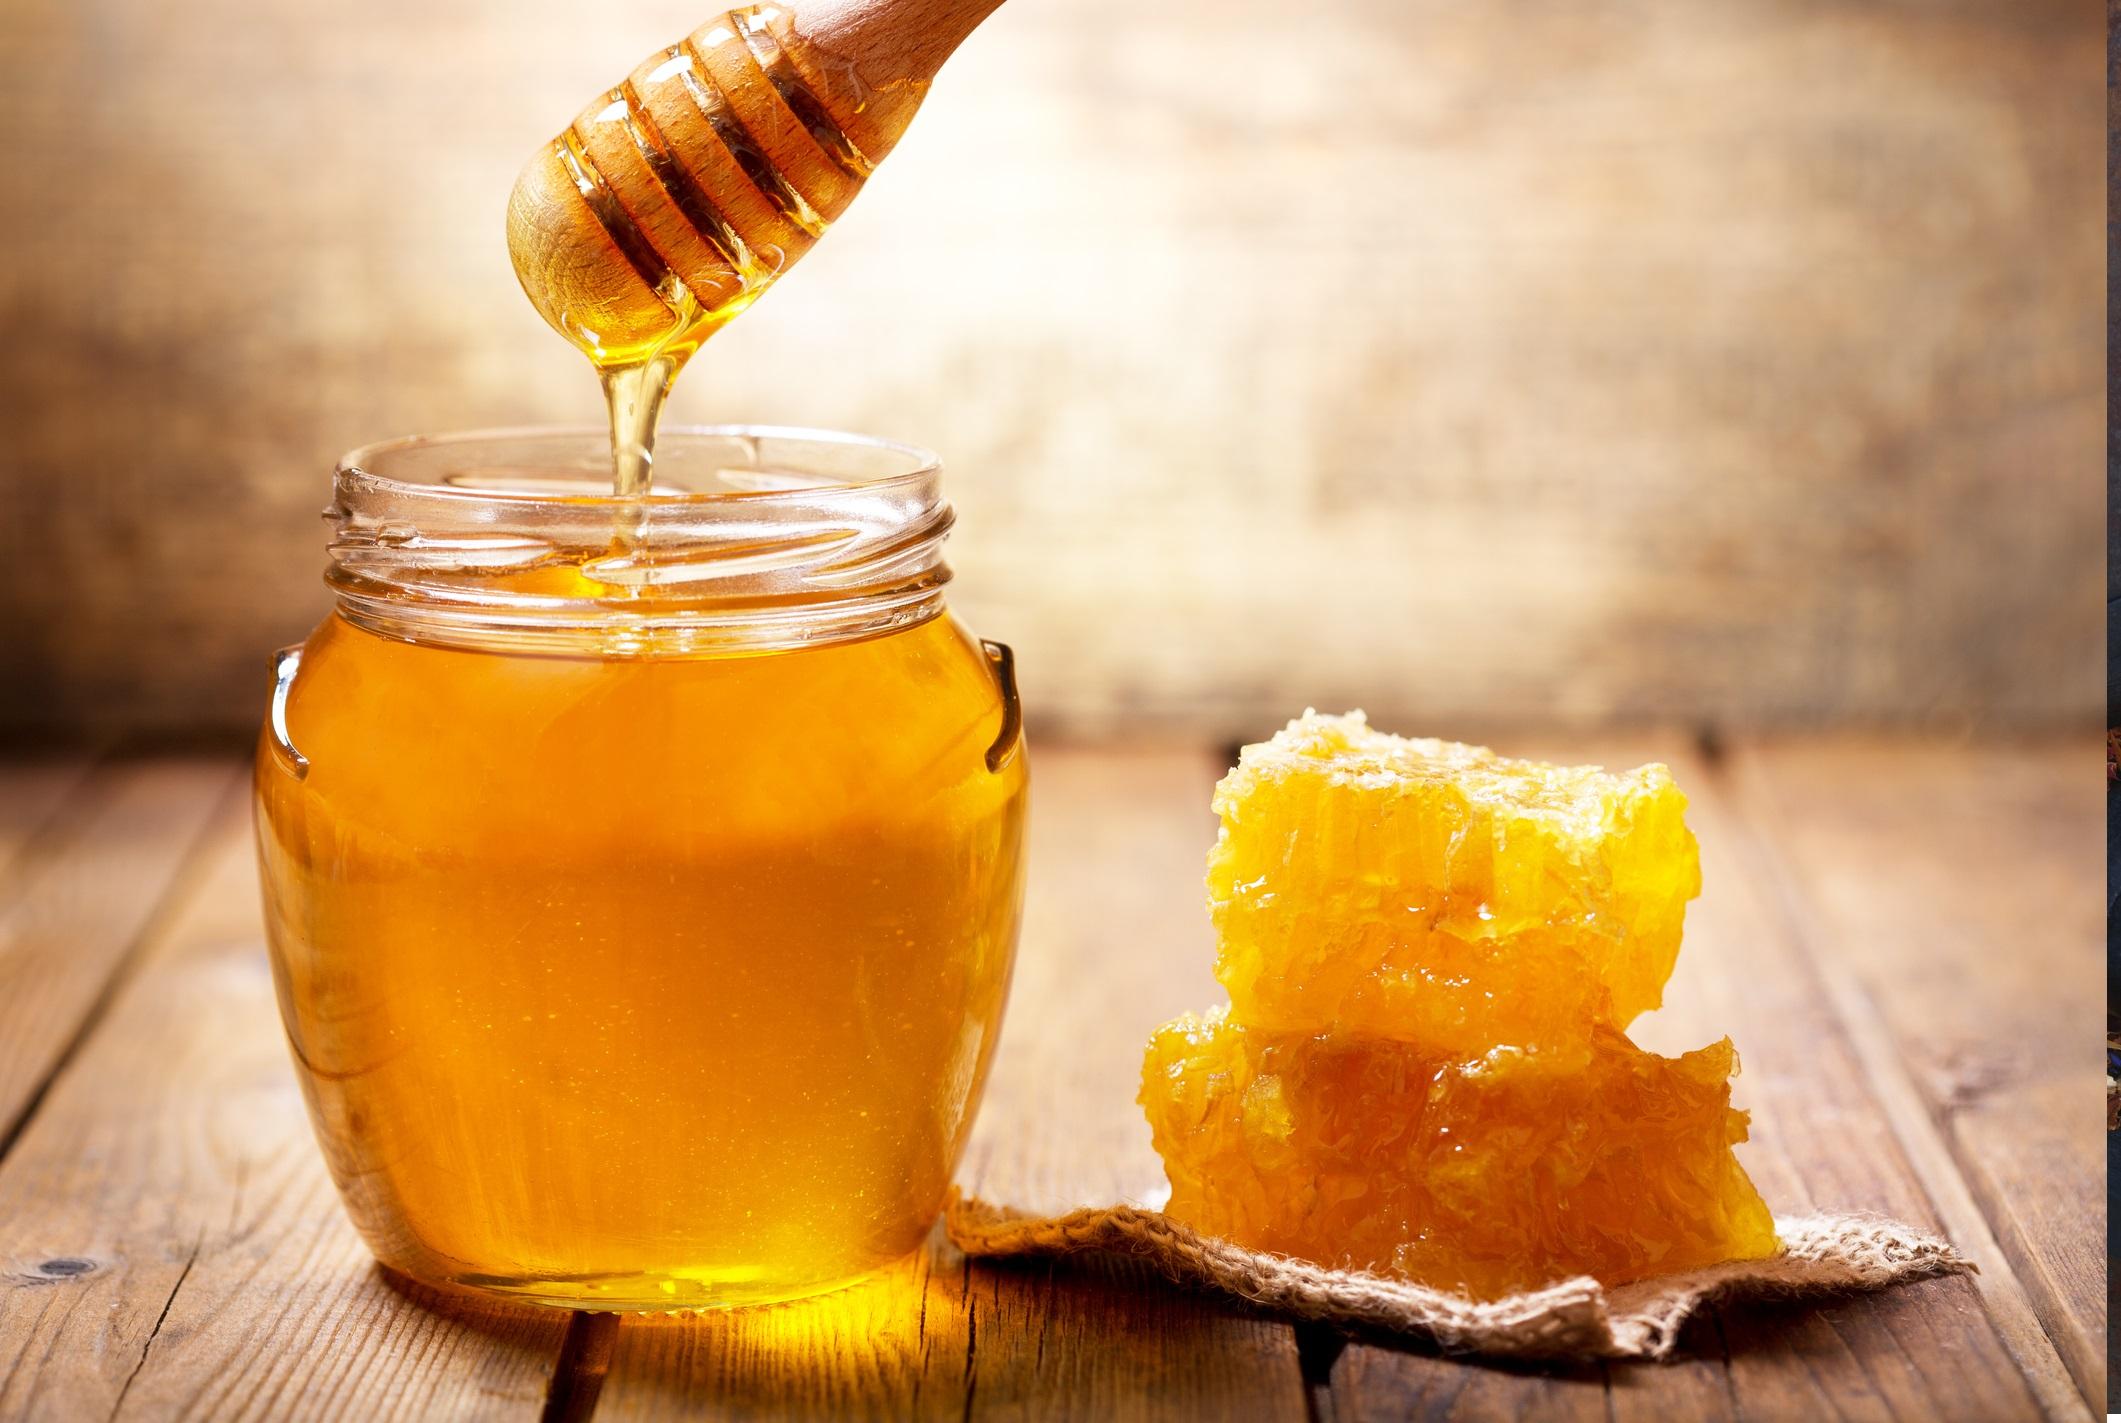 <p><strong>Пчелен мед</strong></p>  <p>Не е тайна, че масовият и мистериозен спад на пчелите през последните години застраши съществуването на глобалните ни доставчици на храни. Докато пчелите опрашват плодовете, зеленчуците и ядките, тяхното изчезване също означава вероятна загуба на един от любимите ни подсладители. Гибелта на пчелните семейства е широко свързана с употребата на пестициди и изменението на климата.</p>